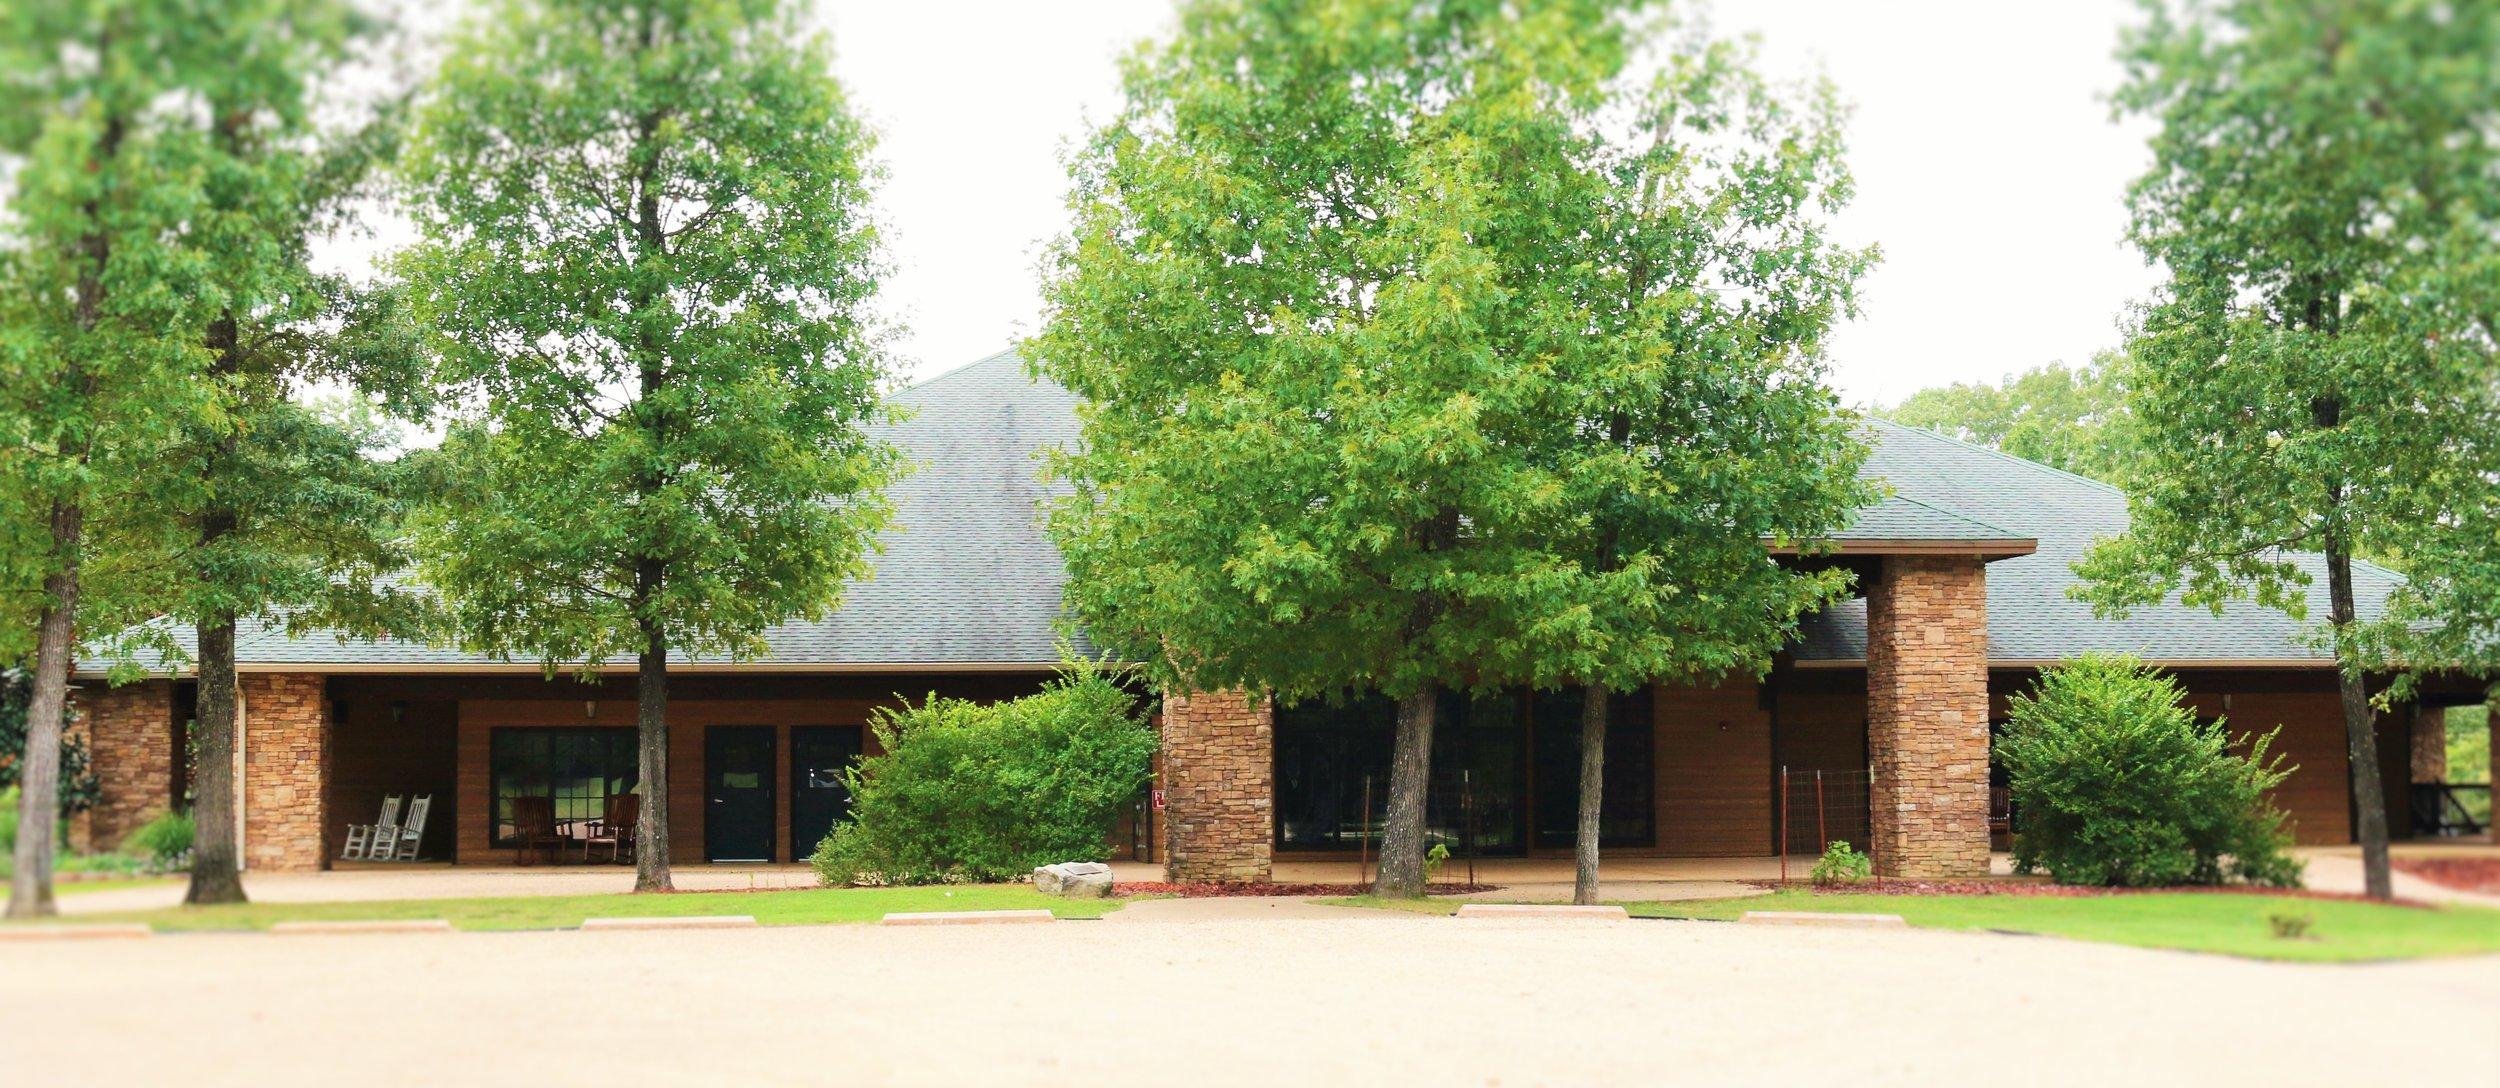 Payne Stewart Memorial Building